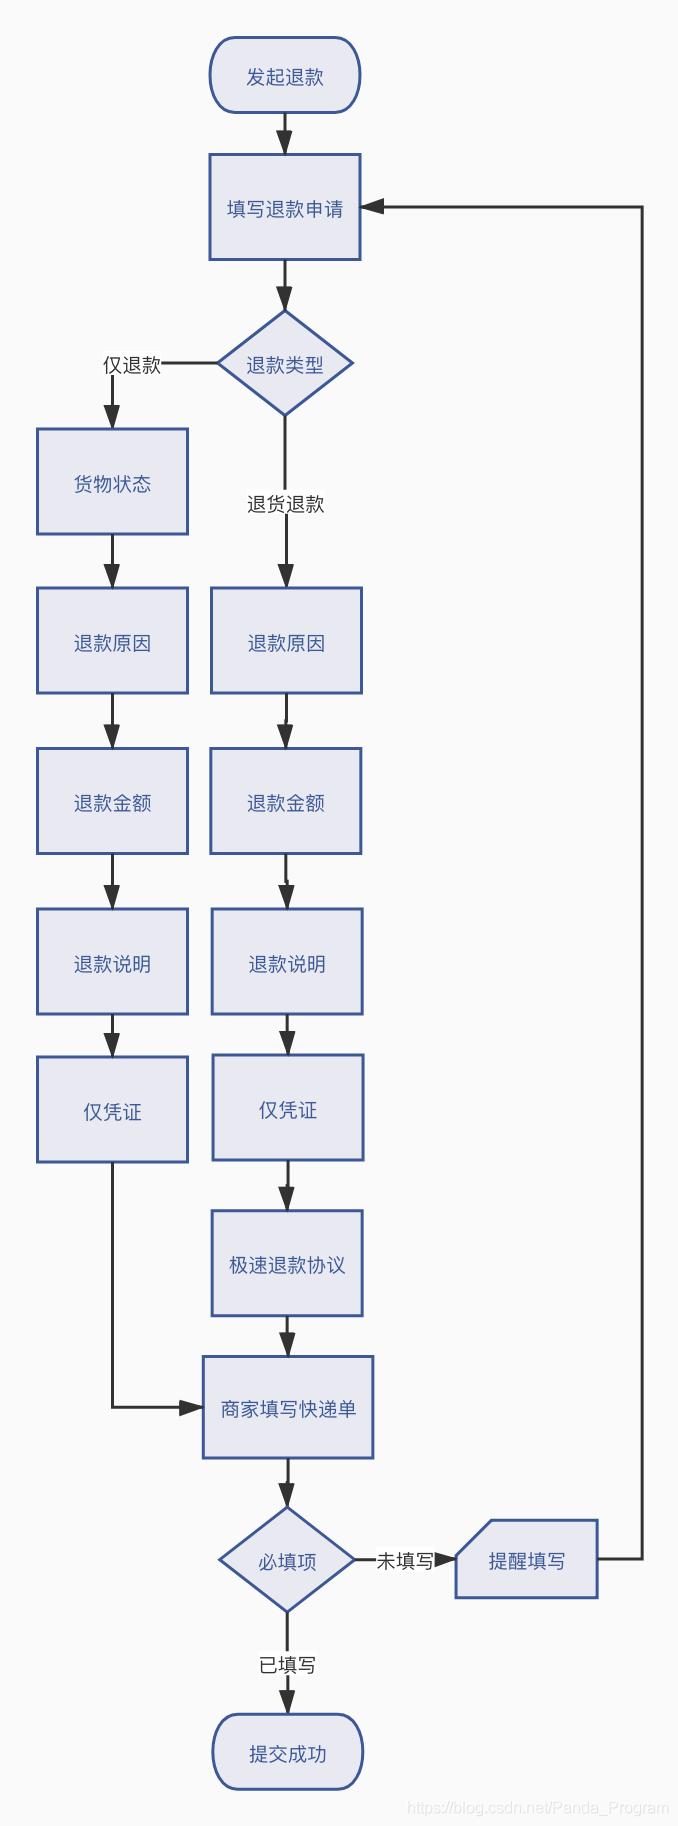 退款的功能流程图